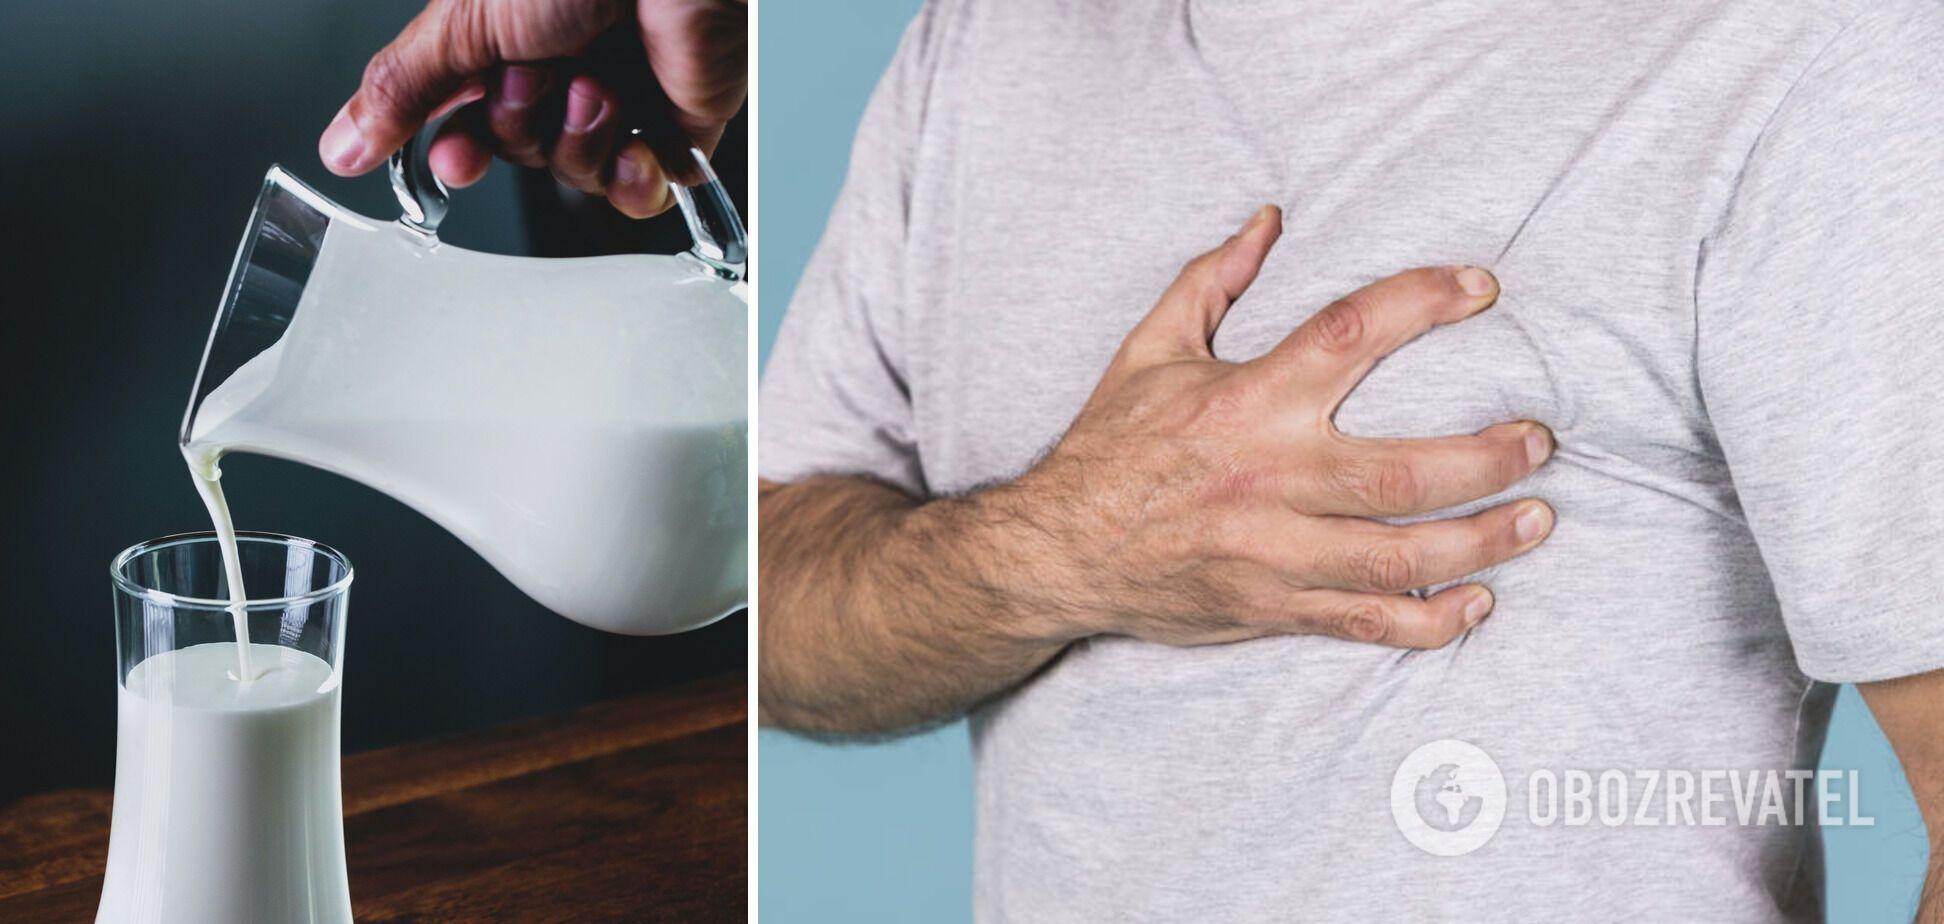 Вживання молока може знизити ризик серцевих захворювань на 14%, – вчені